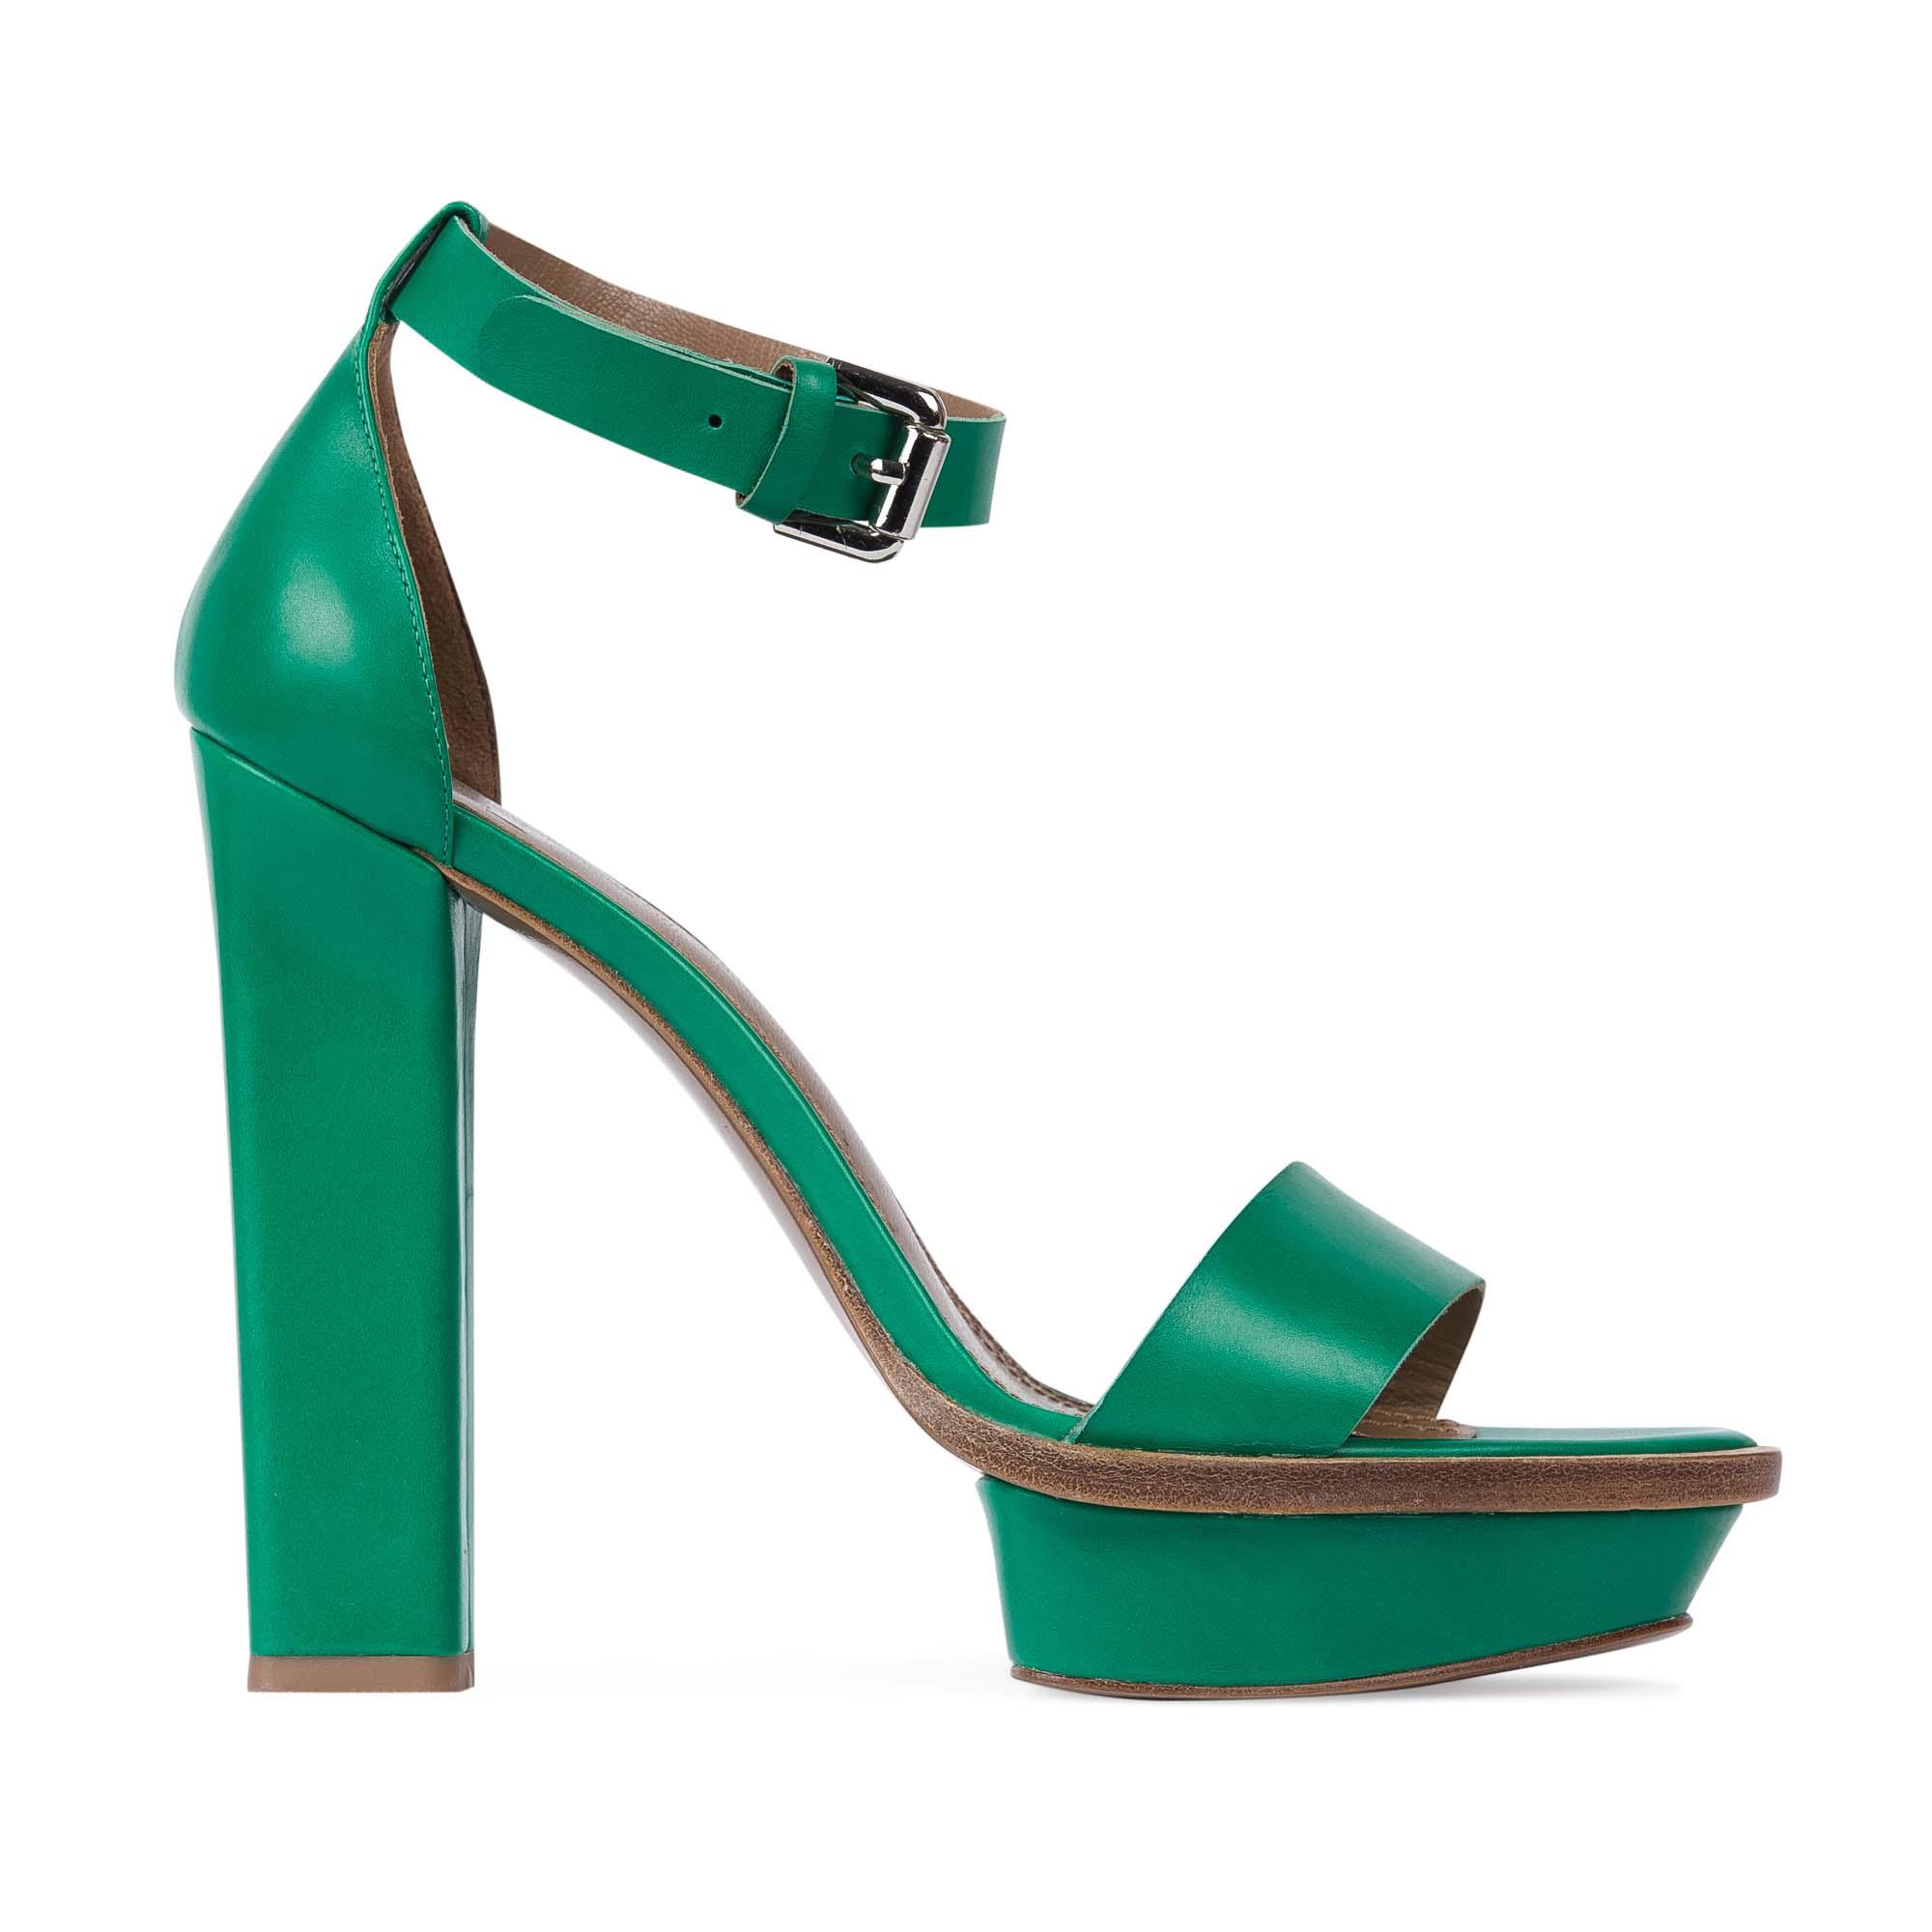 Босоножки из кожи изумрудного цвета на устойчивом каблуке